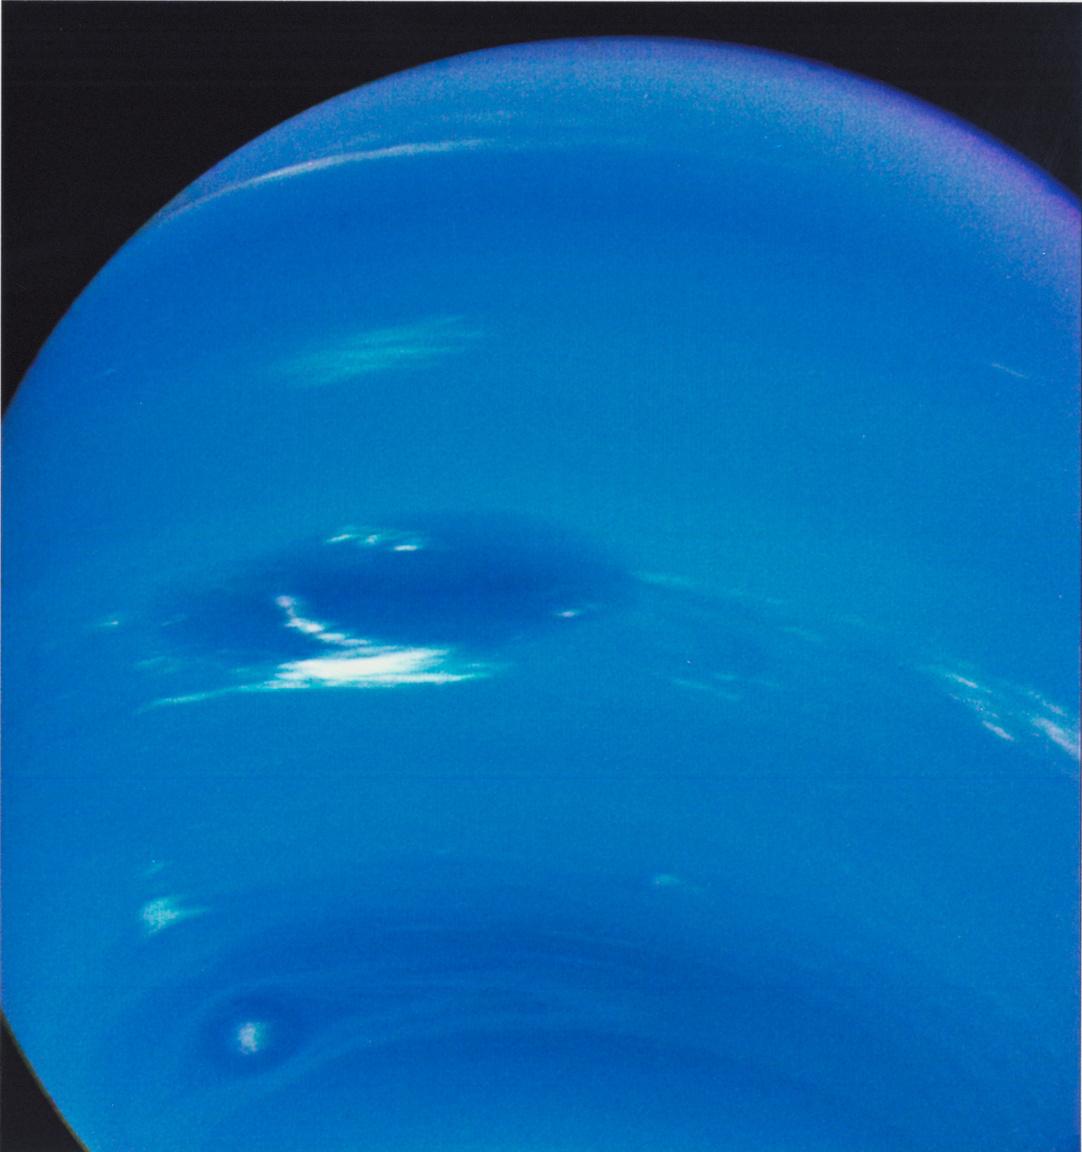 A Neptunusz 6,1 millió kilométeres távolságból. A számítások szerint 643 km/órás keleti szelek tombolnak a bolygó légkörében a déli féltekén, aminek köszönhetően az alul látható kisebb viharzóna jóval gyorsabban mozog mint a Nagy Sötét Folt, ötnaponta megelőzve azt. (Érdemes összevetni a fentebbi képpel.)